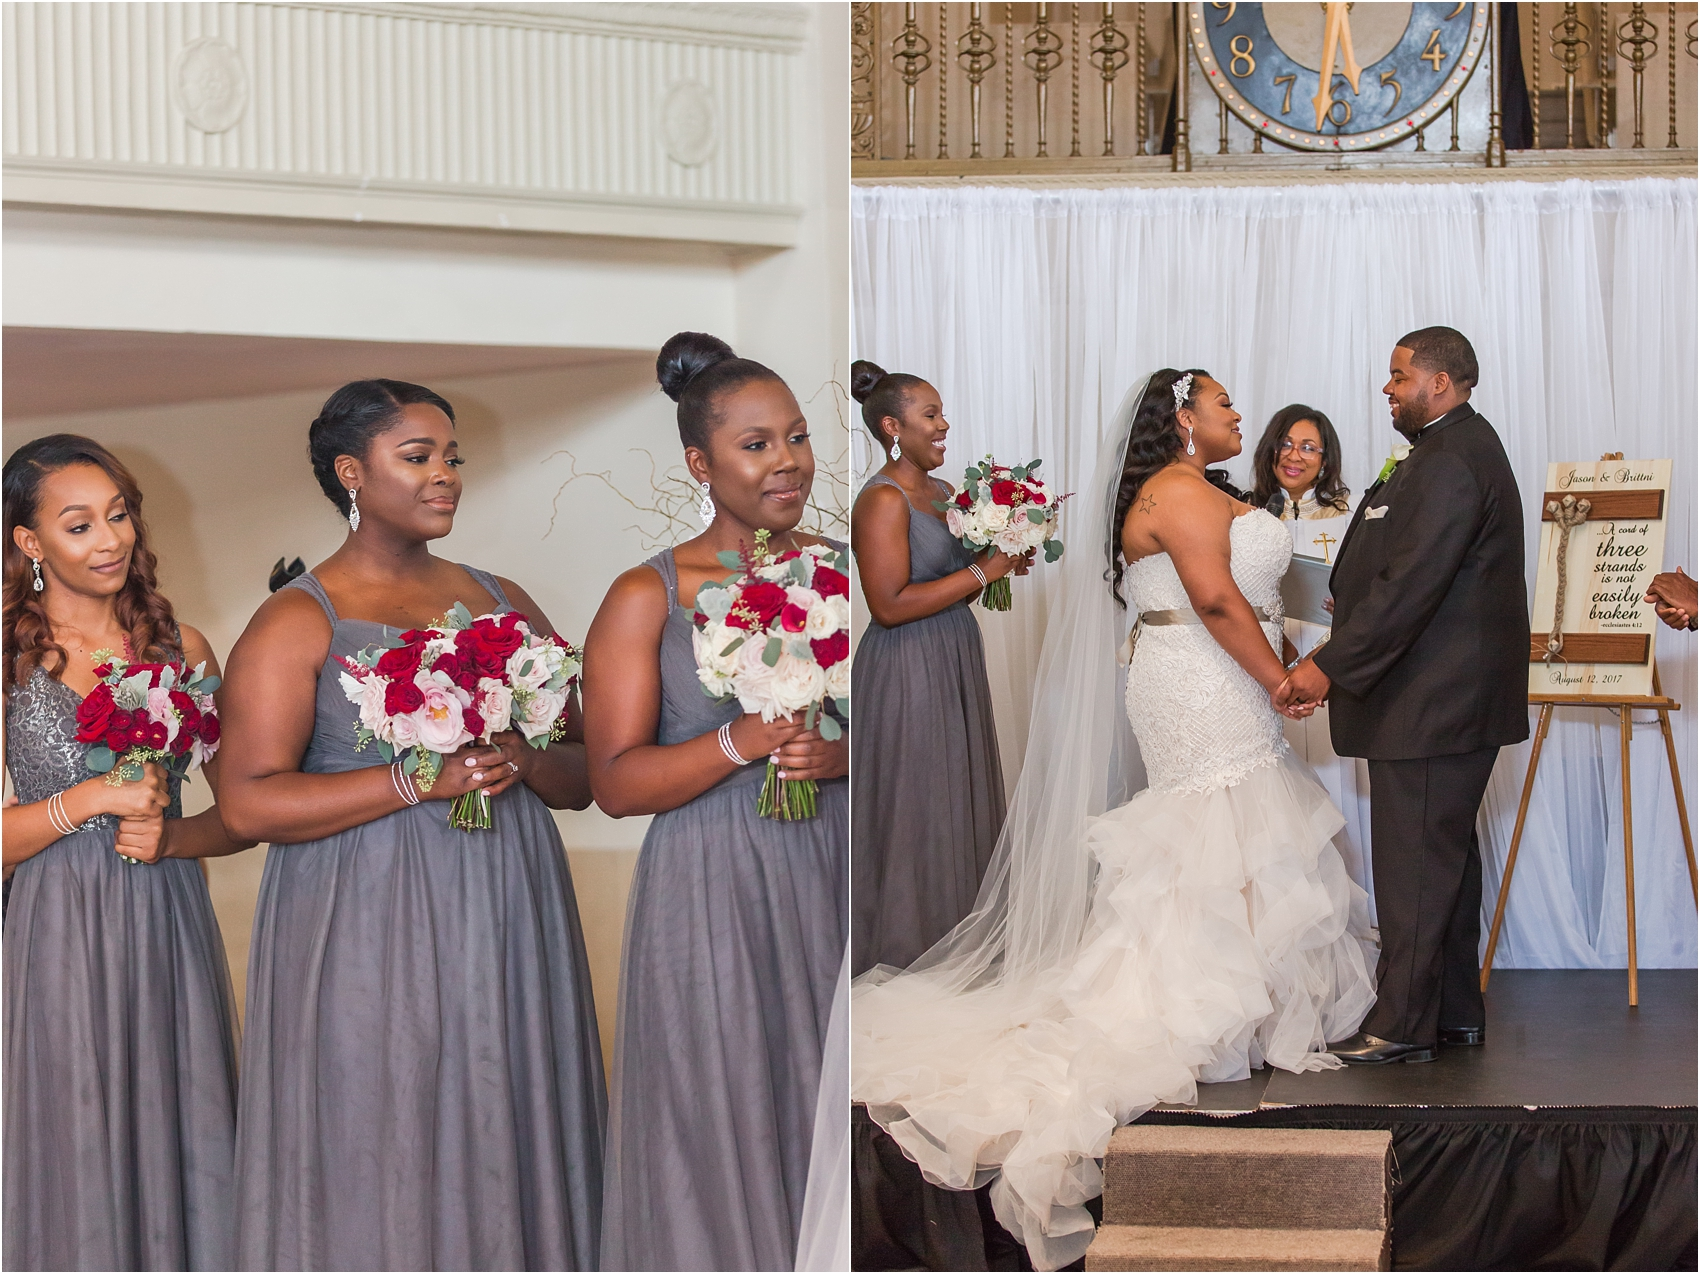 minimalist-and-modern-wedding-photos-at-30-north-saginaw-in-pontiac-michigan-by-courtney-carolyn-photography_0044.jpg